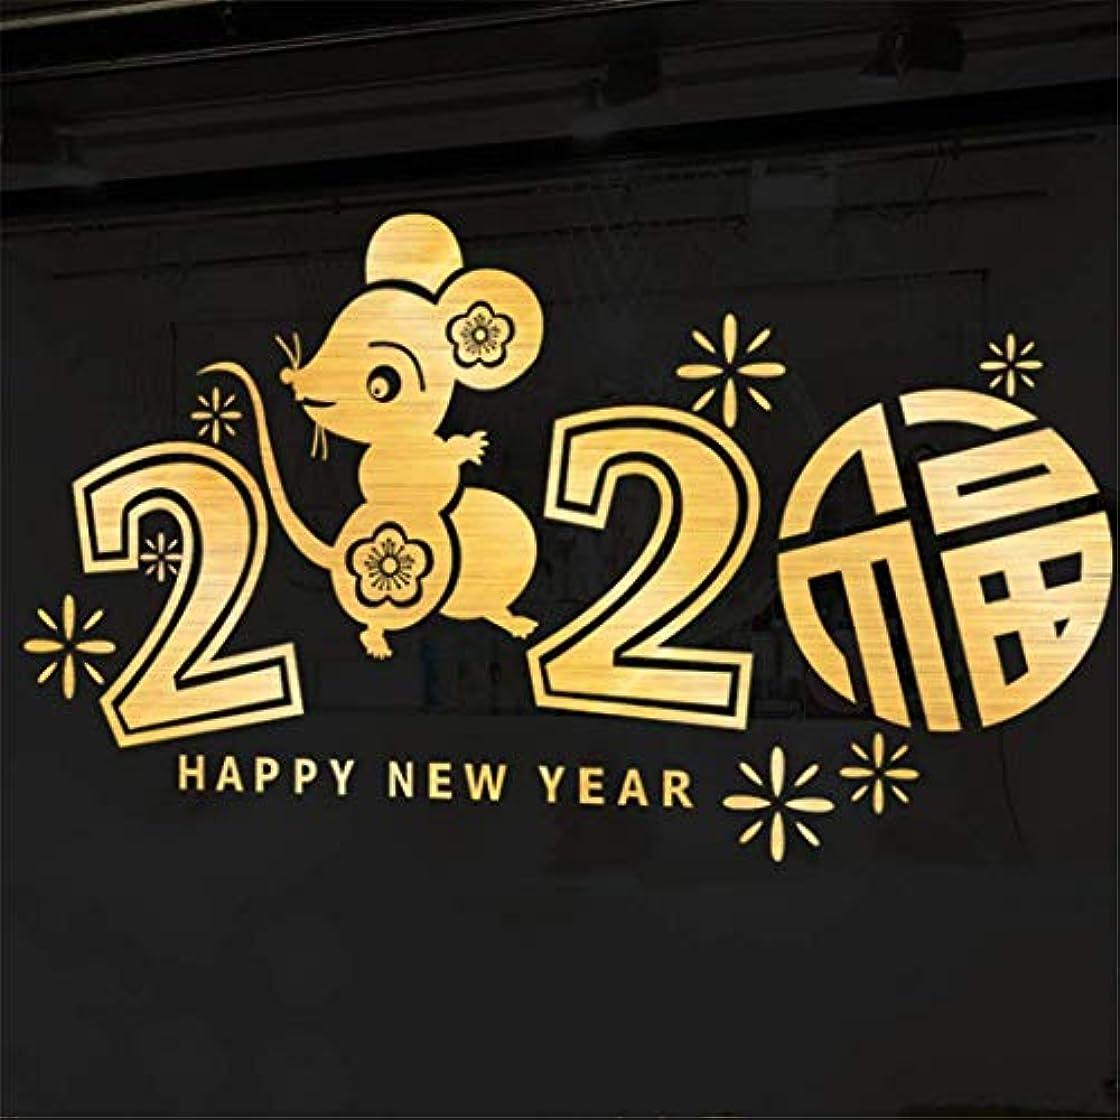 葡萄カレッジ三番ウォールステッカー お正月 2020年 子年 ねずみ年 鼠 ネズミ 新年 マウス シール式 装飾 梅 元旦 迎春 門松 迎春飾り